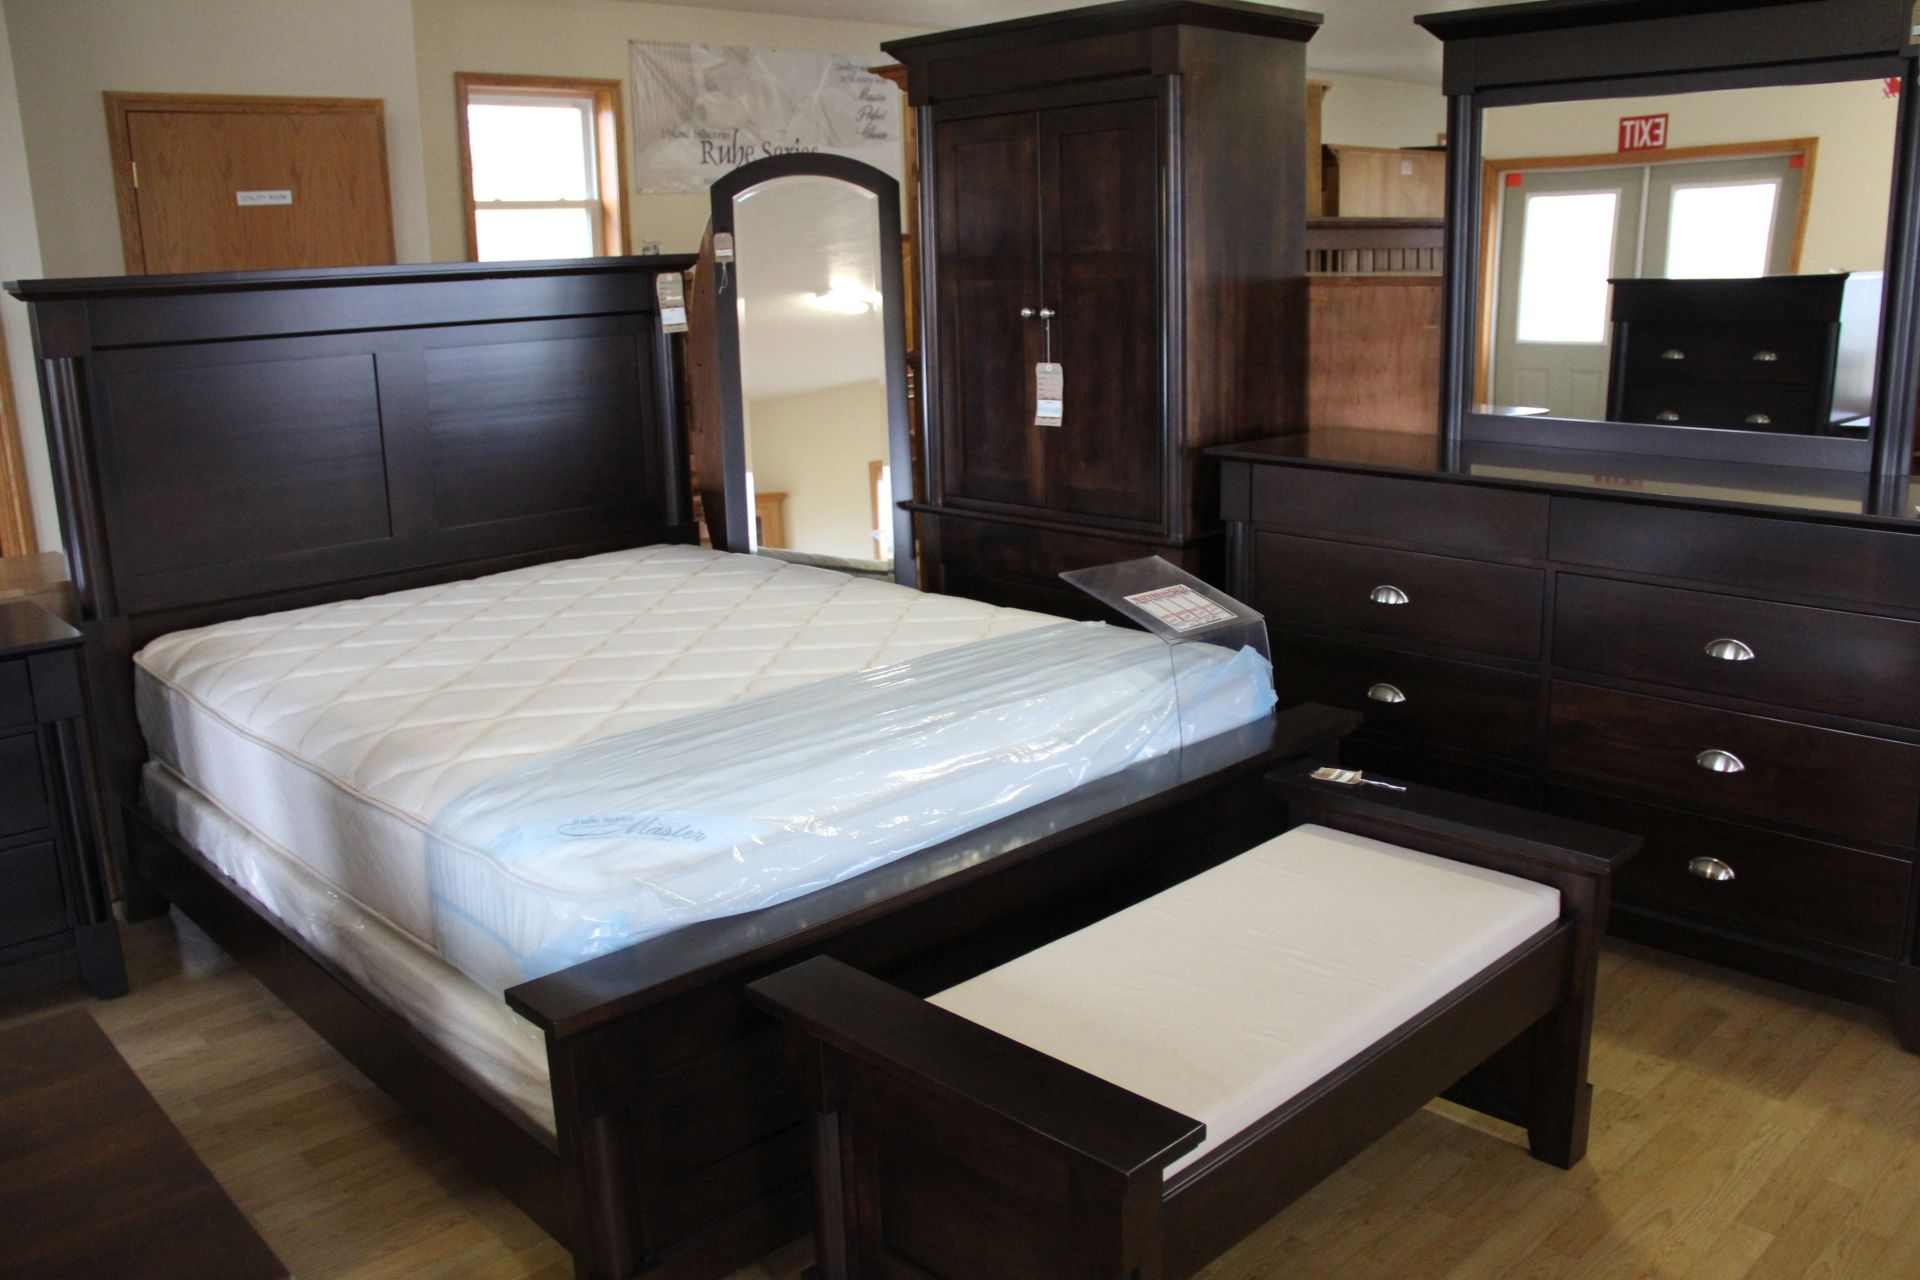 A Splendid Bedroom Furniture Set! #ShopGF